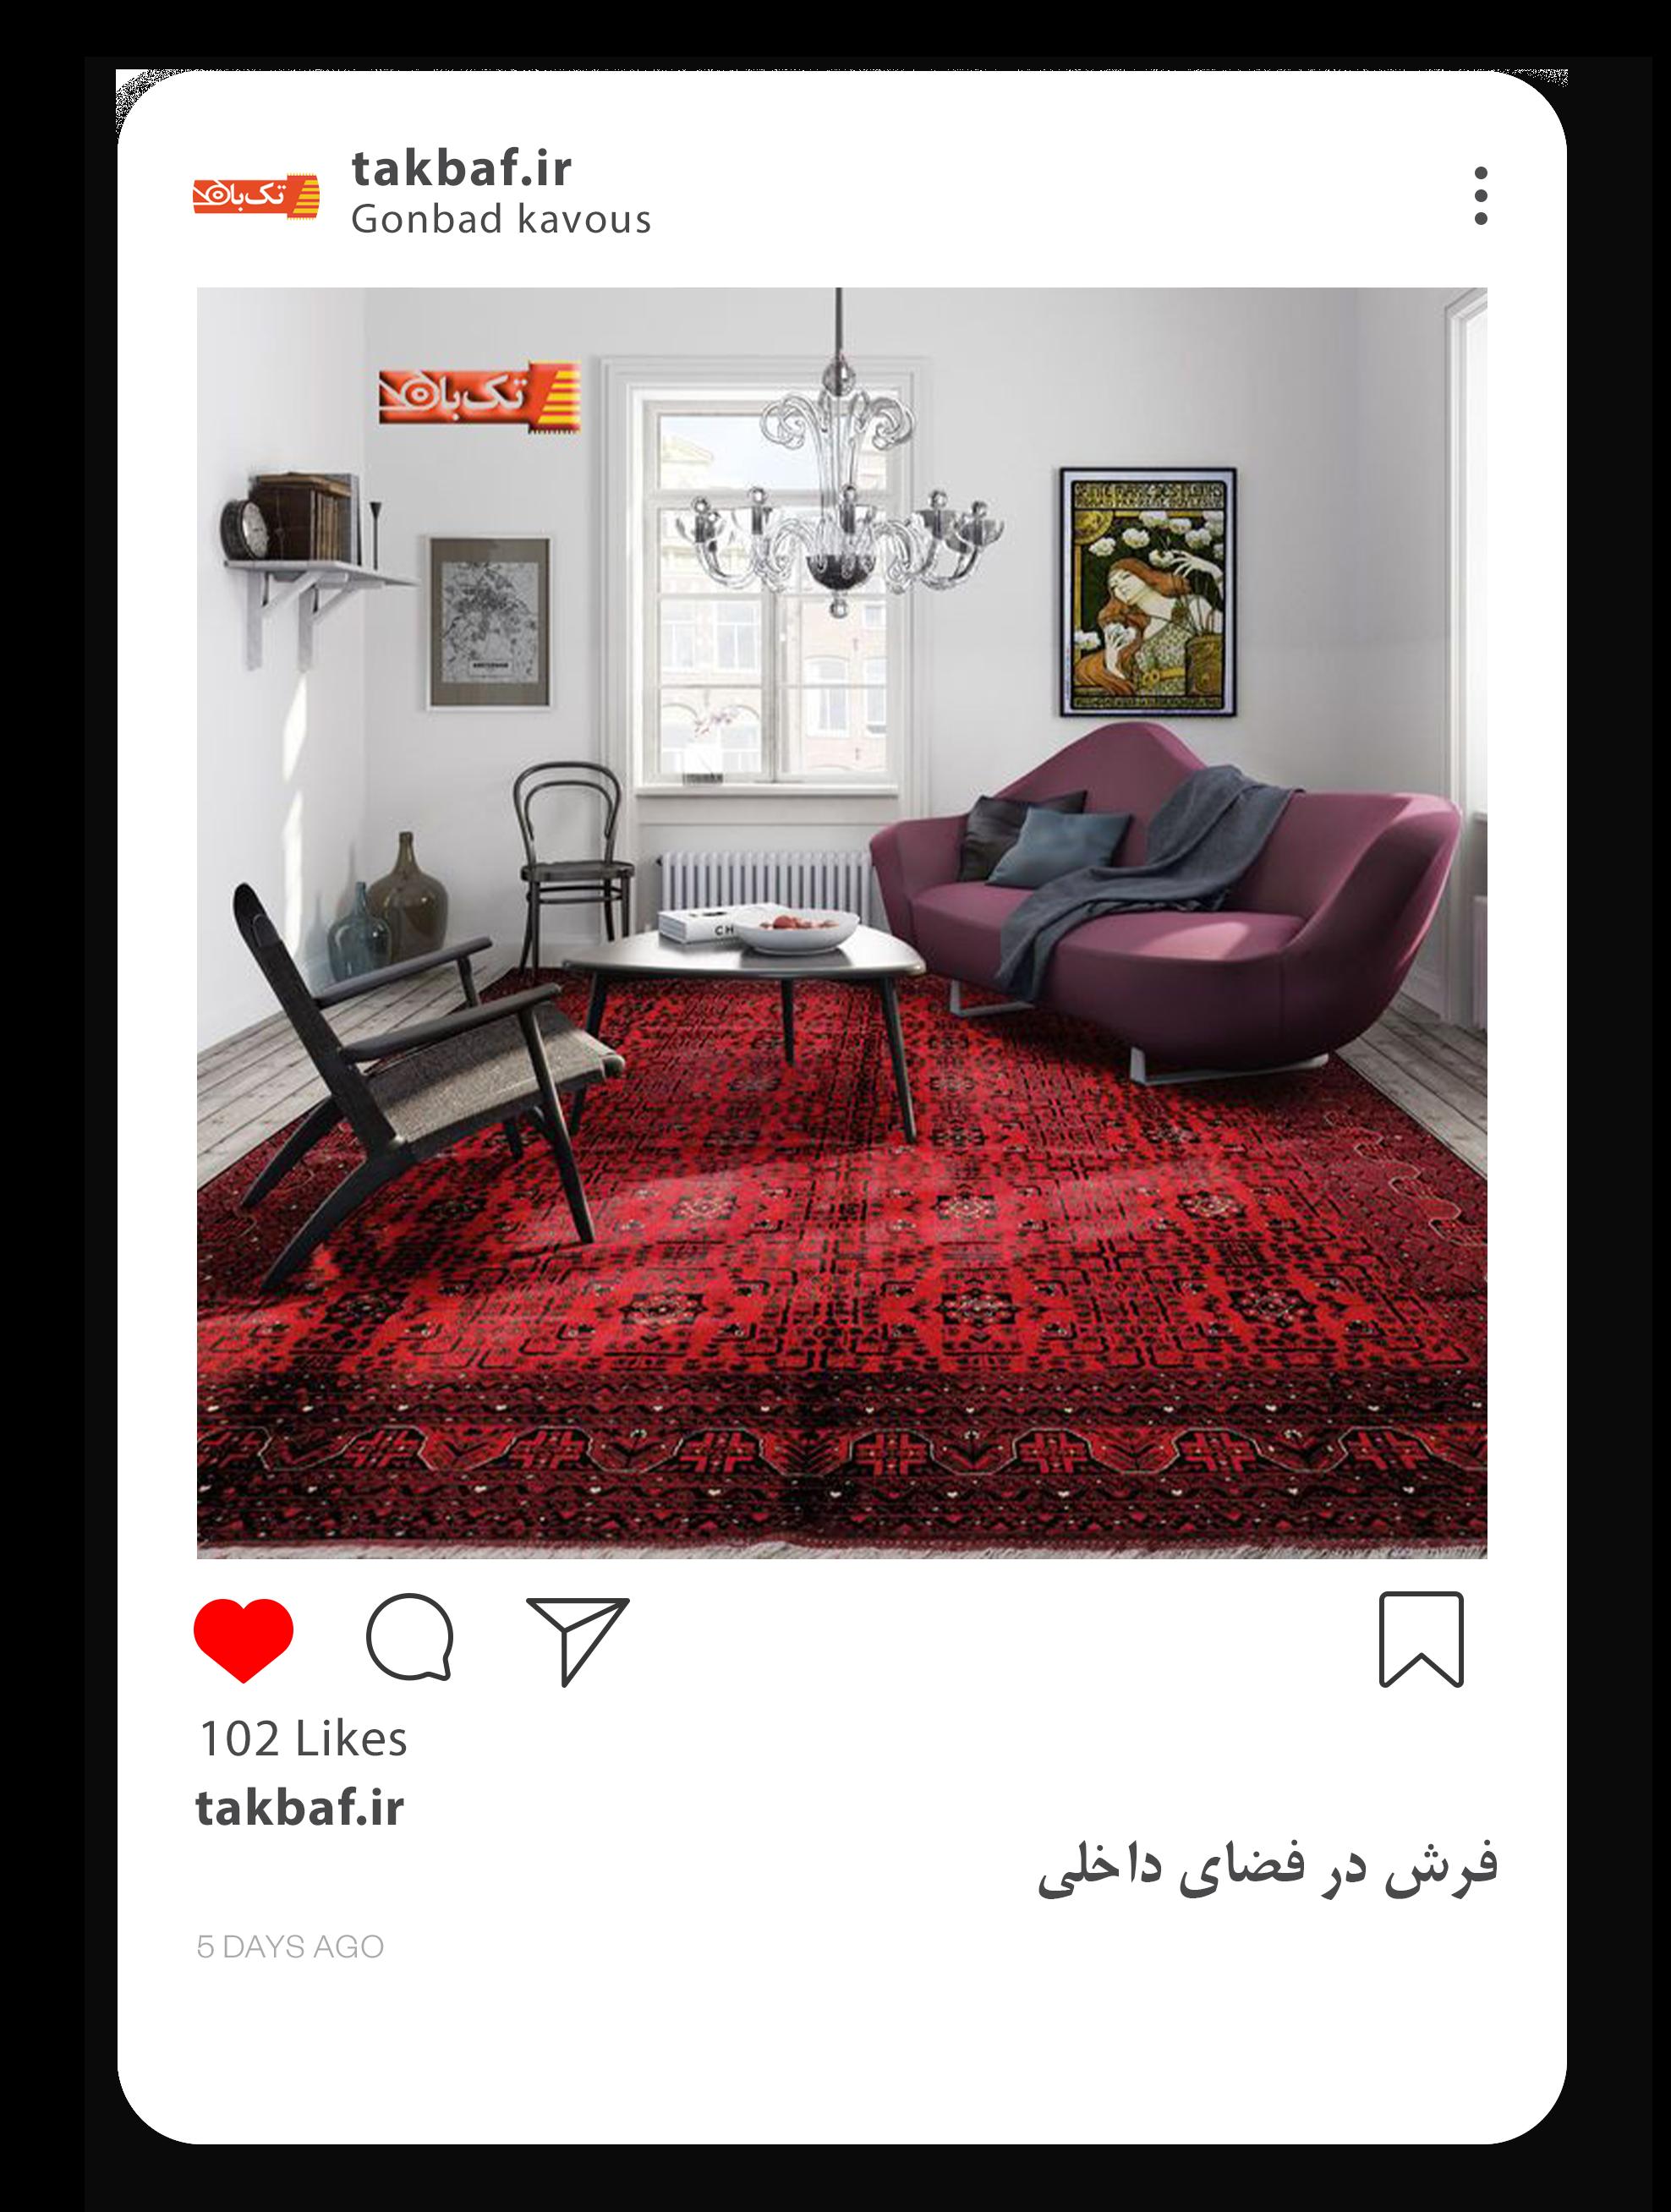 فرش در فضای داخلی